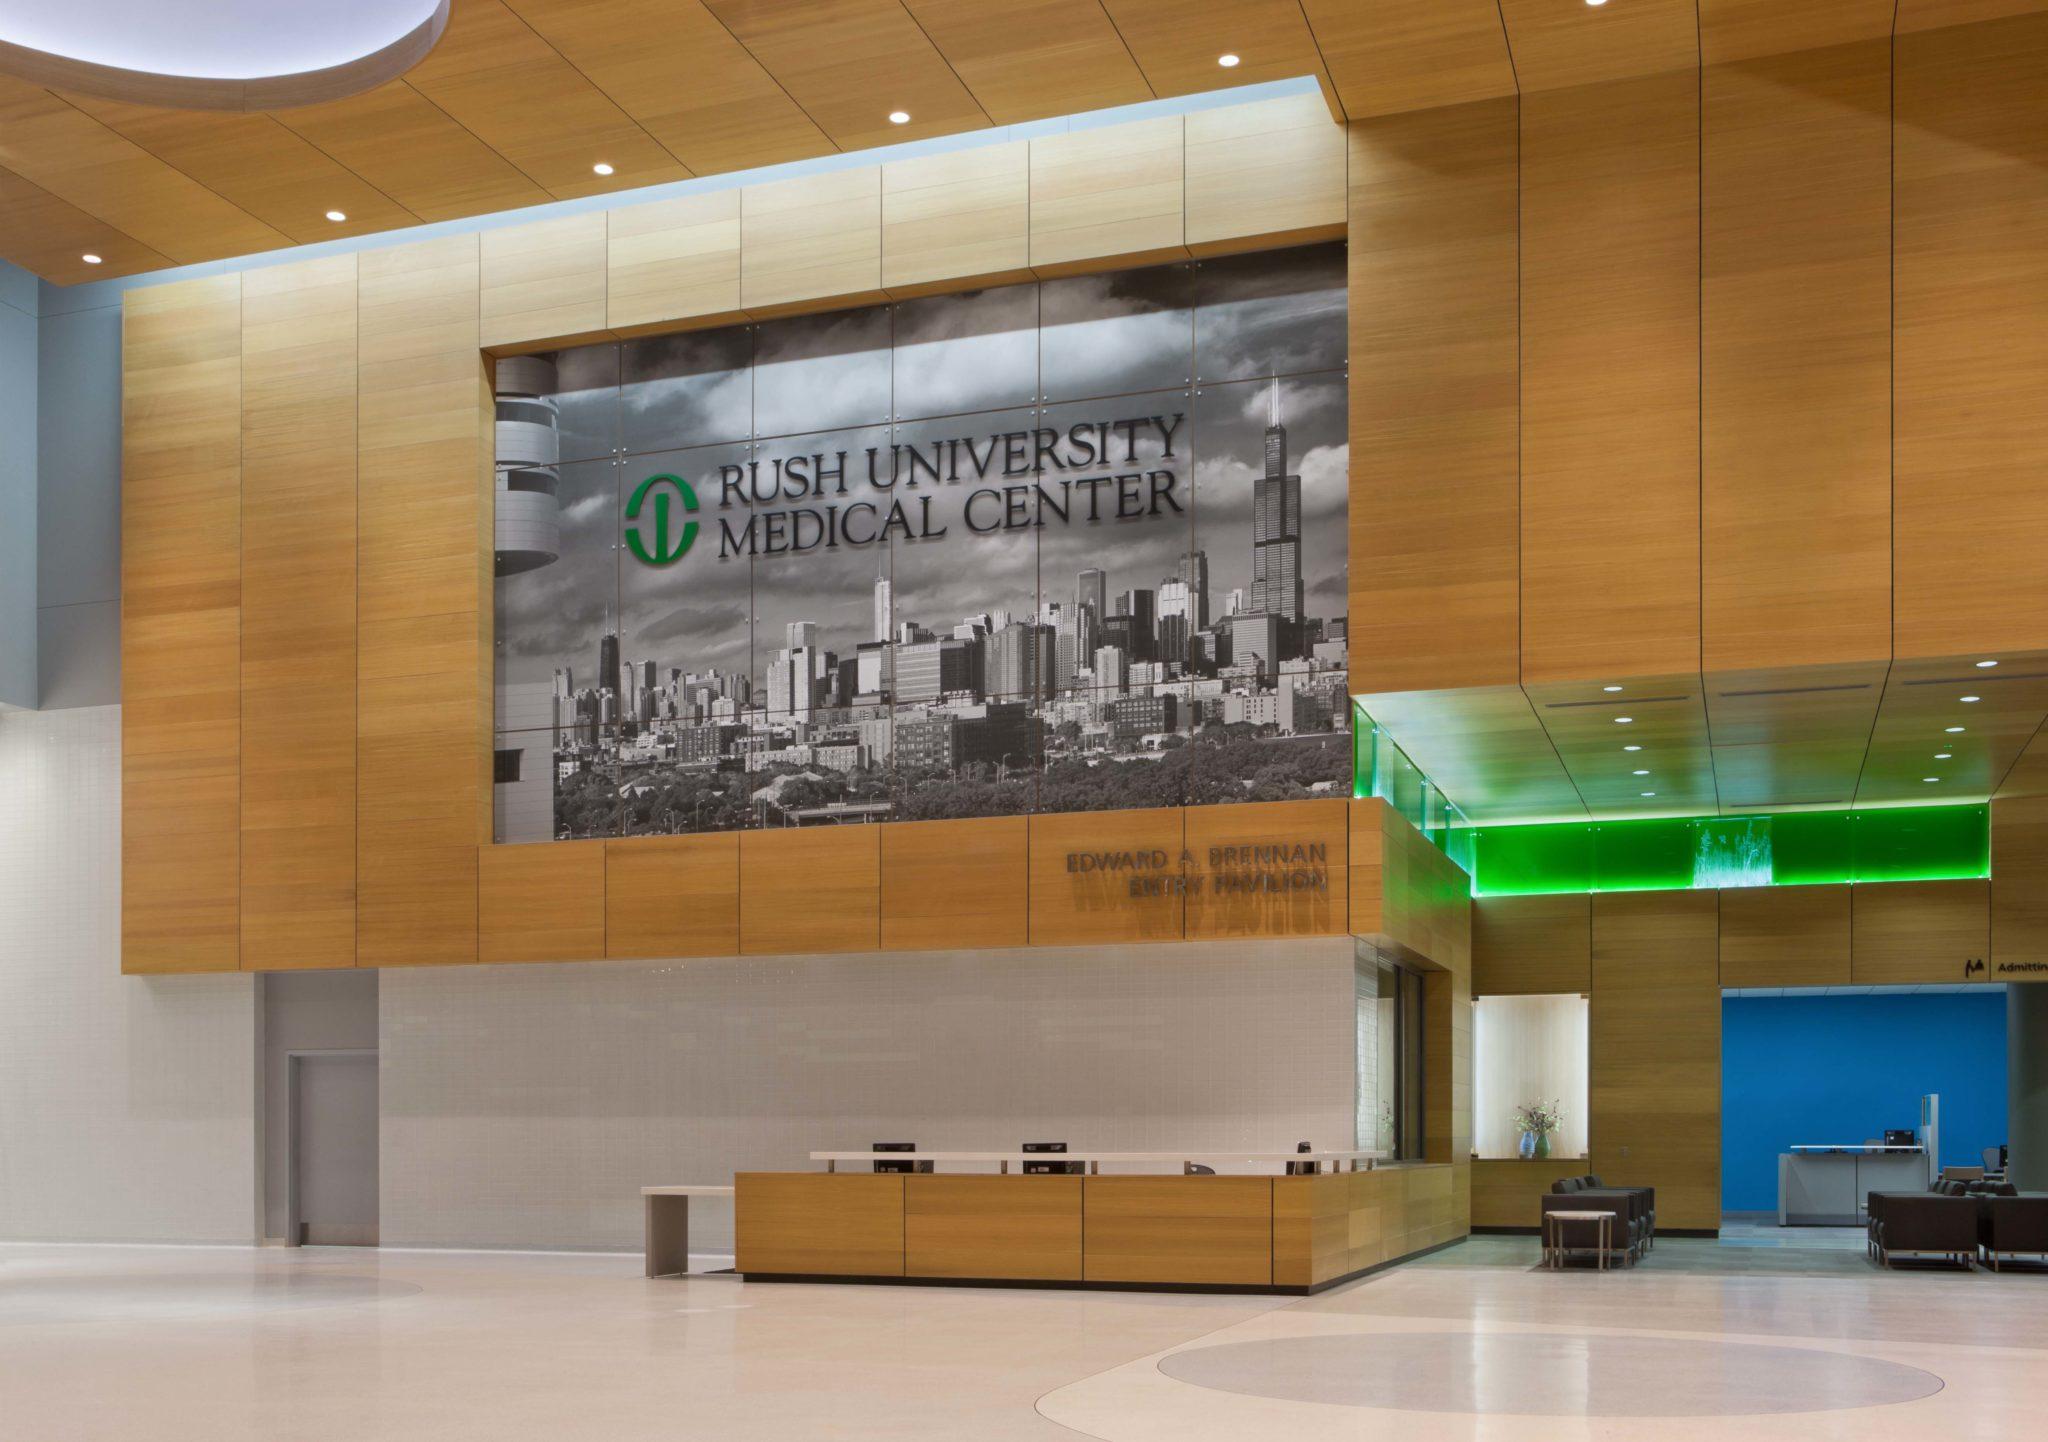 Rush University Medical Center – H  Marion